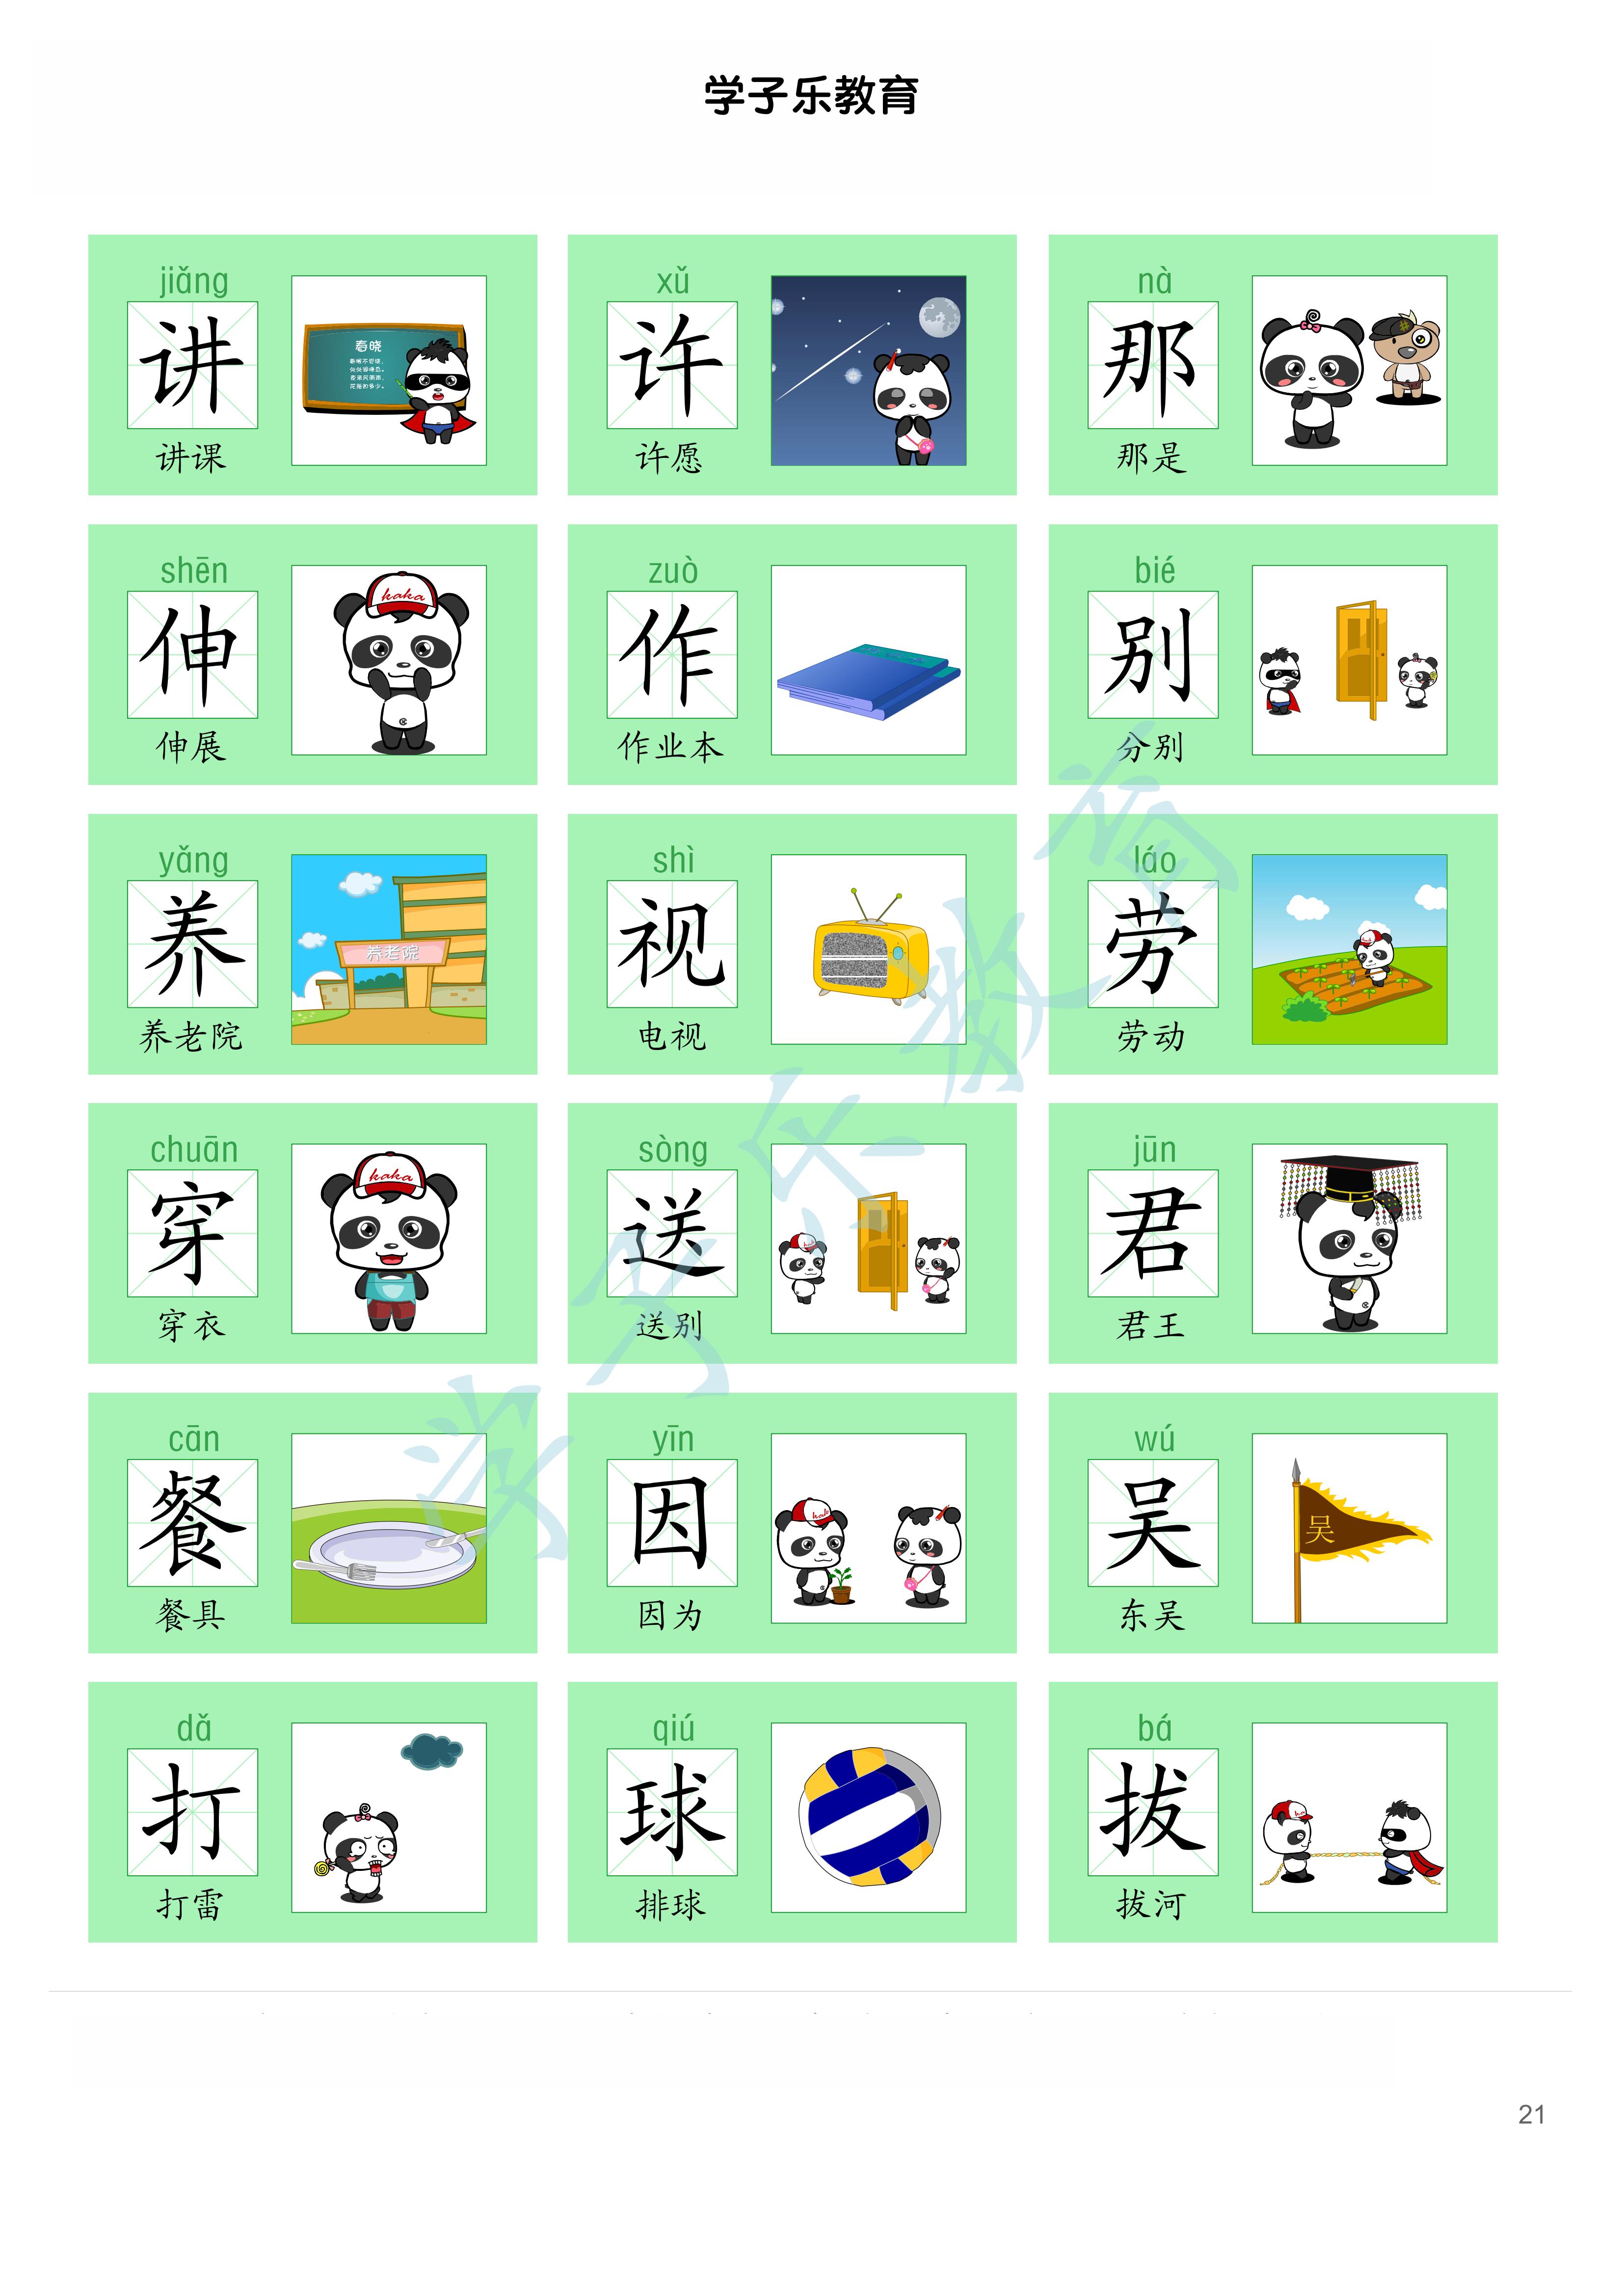 图文识字免费的软件(图文识字怎么用)插图20